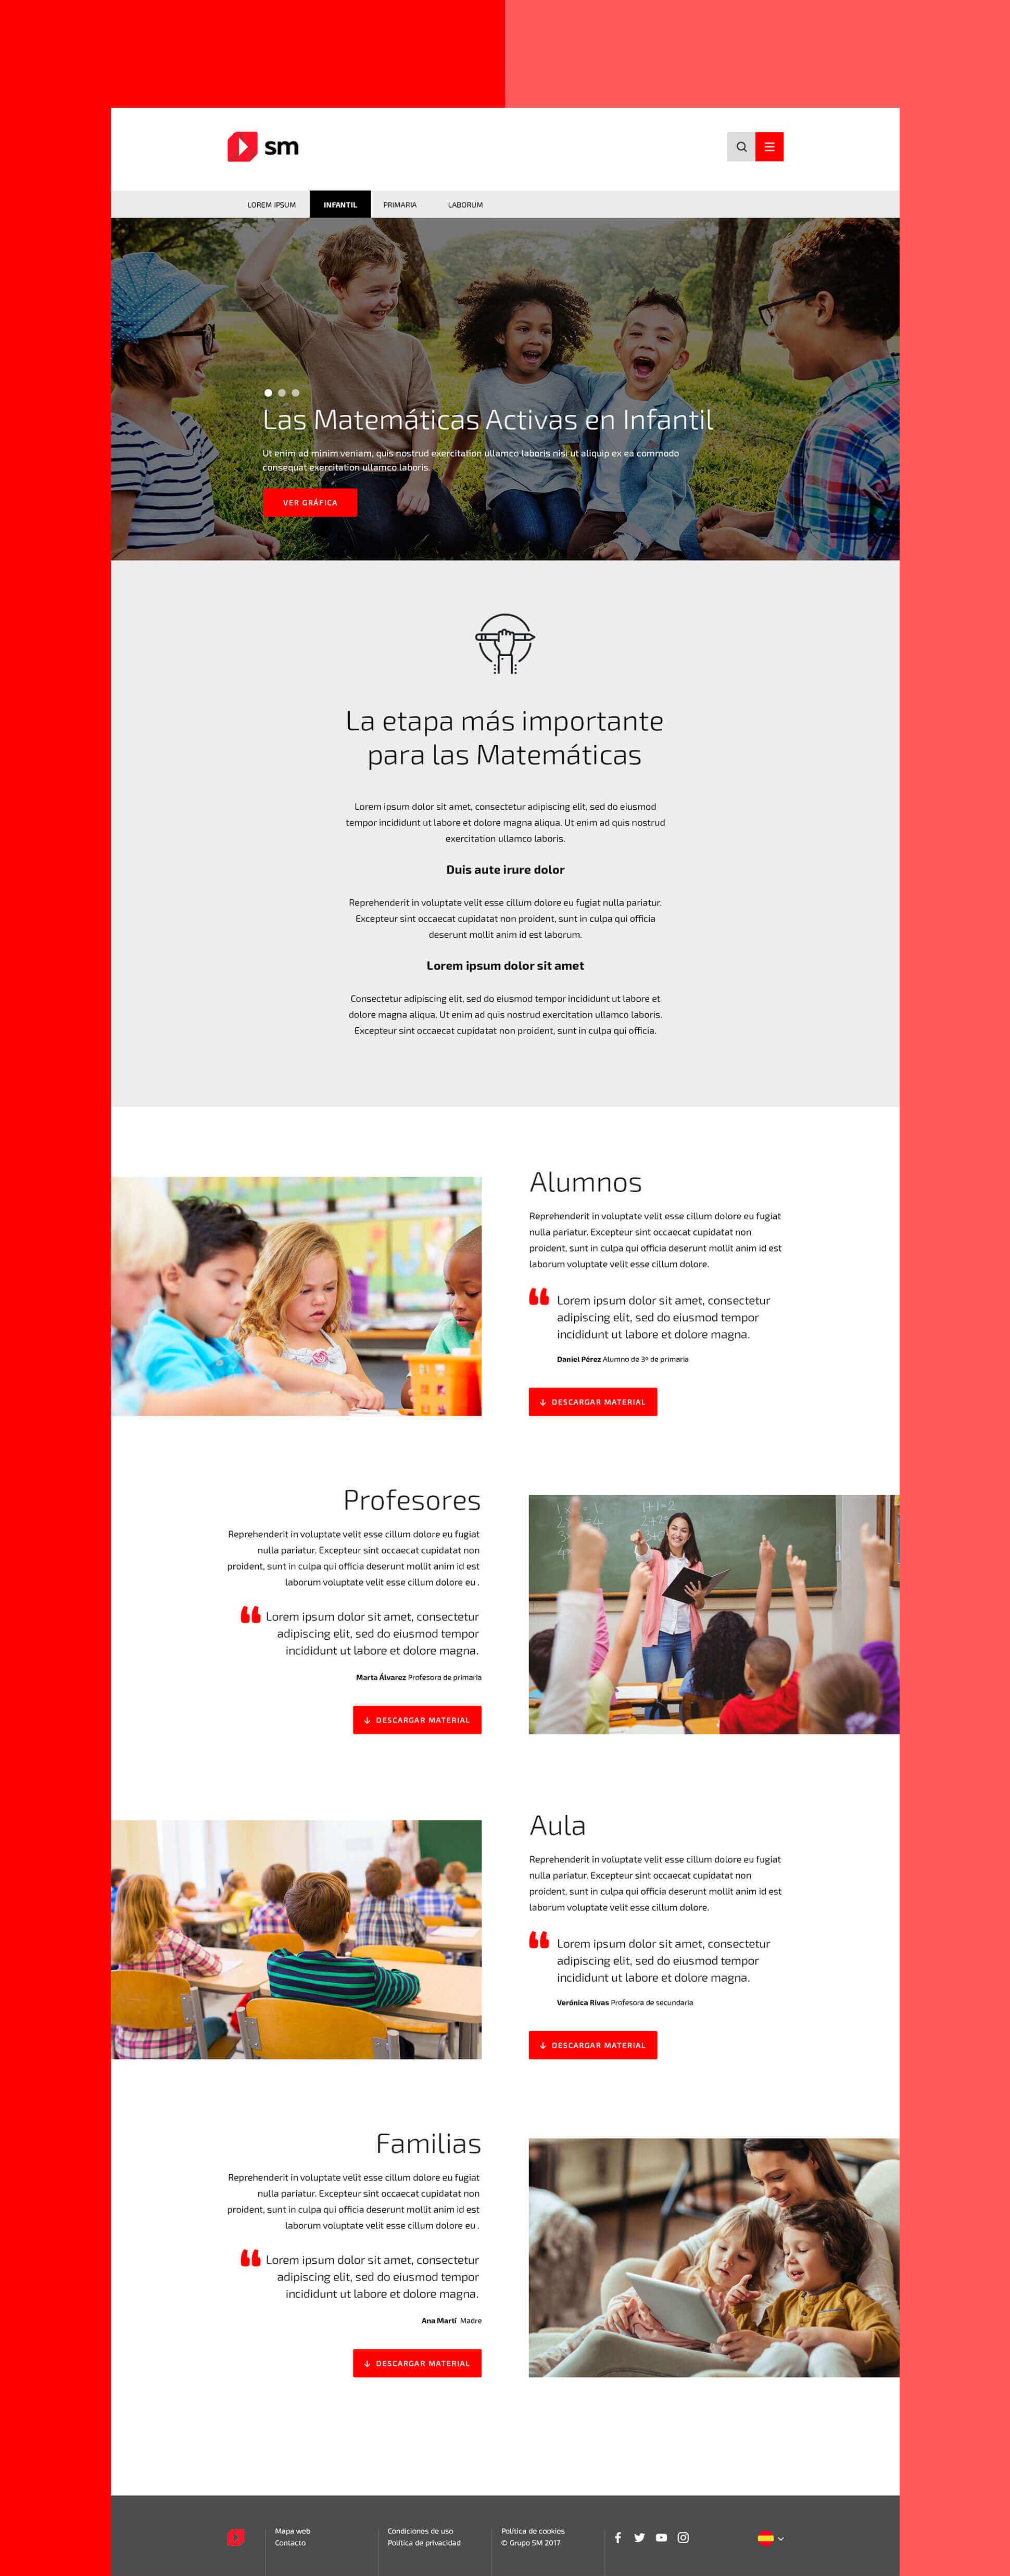 Diseño de la landing page de SM